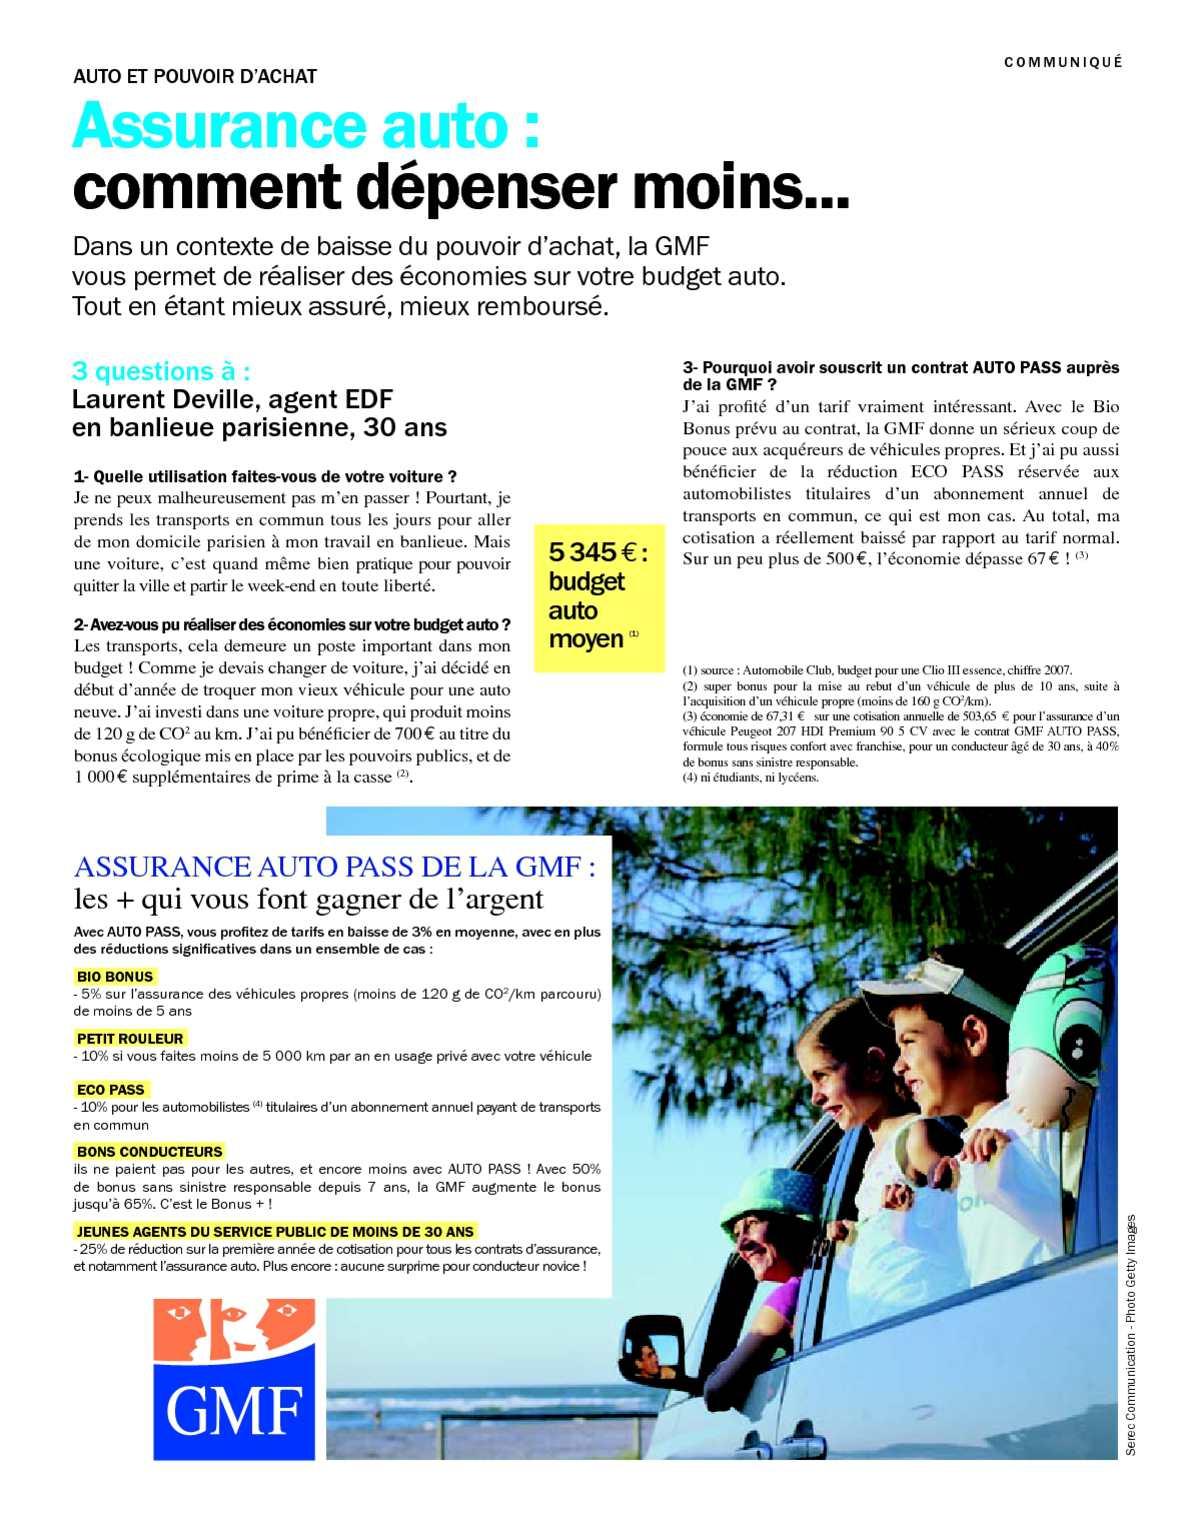 LES COMMANDEMENTS TÉLÉCHARGER INDITS GRATUIT 11